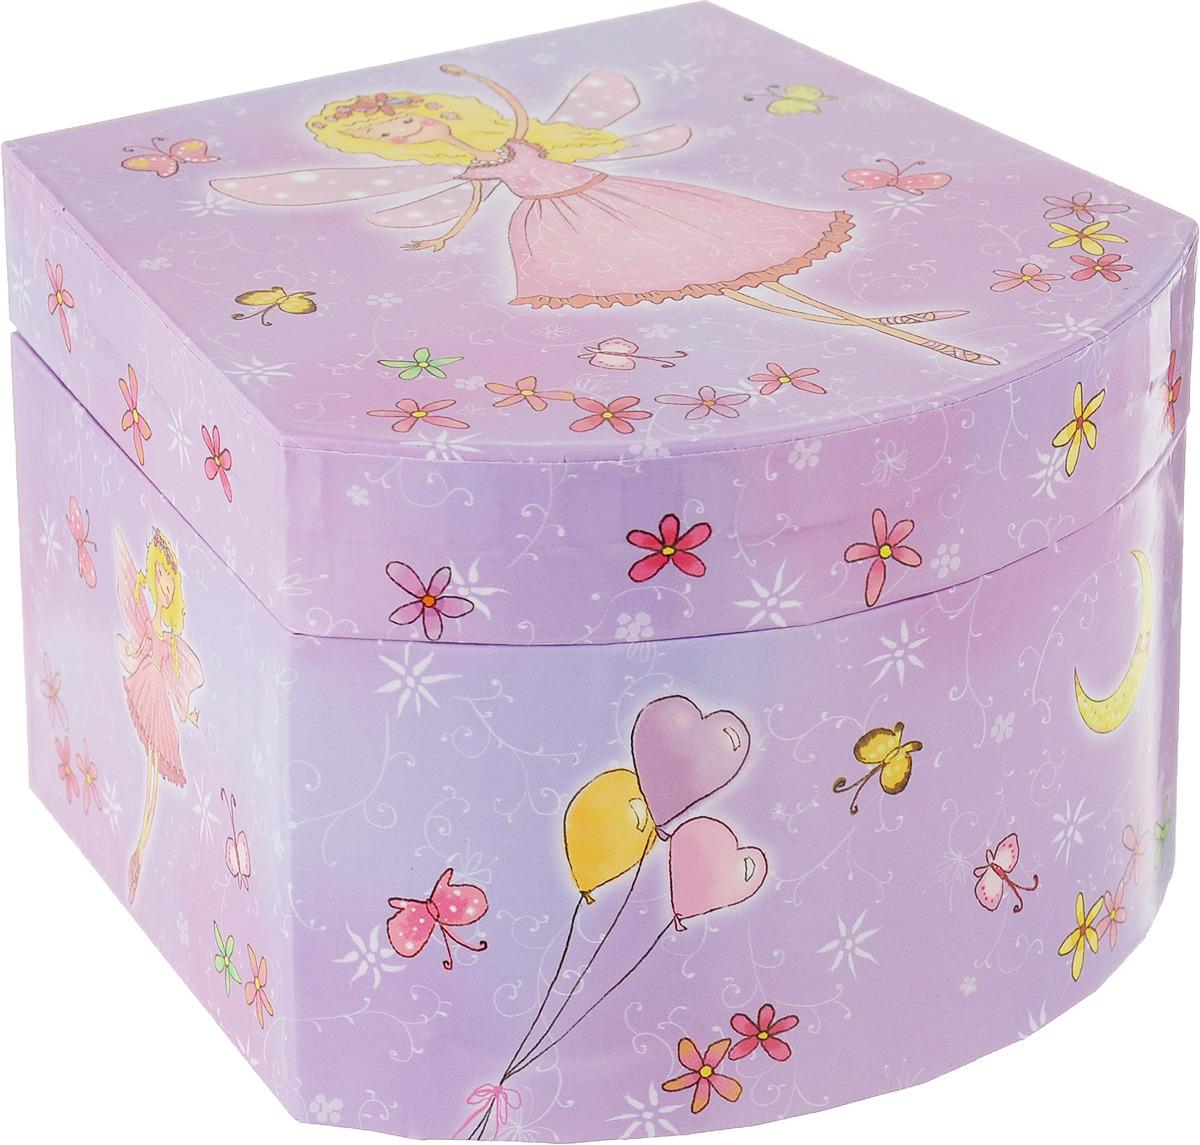 Музыкальная шкатулка Jakos, 411000-411904, фиолетовый стоимость